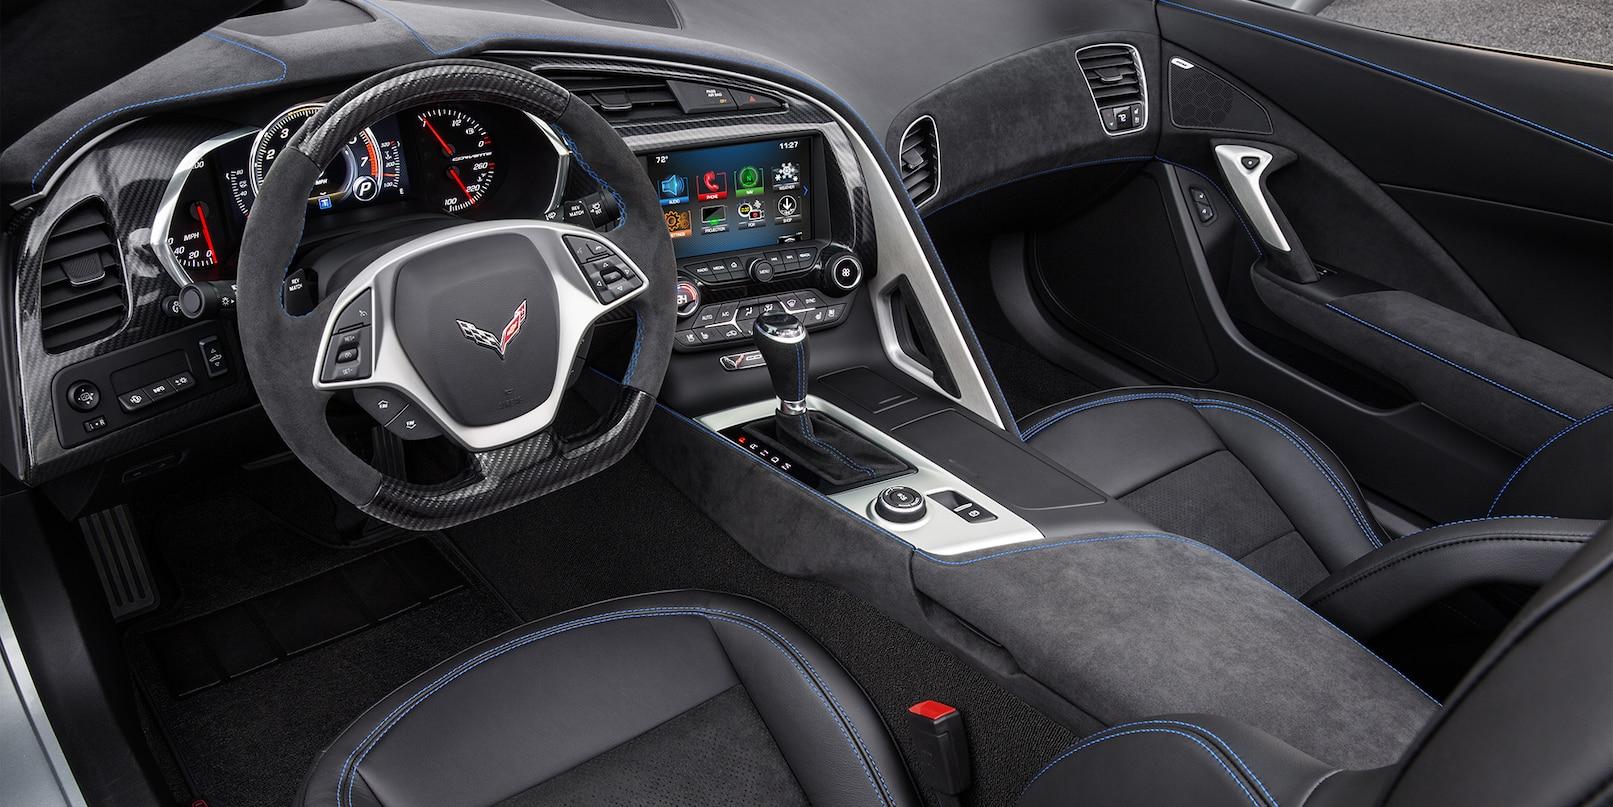 Take Command in the 2019 Corvette!